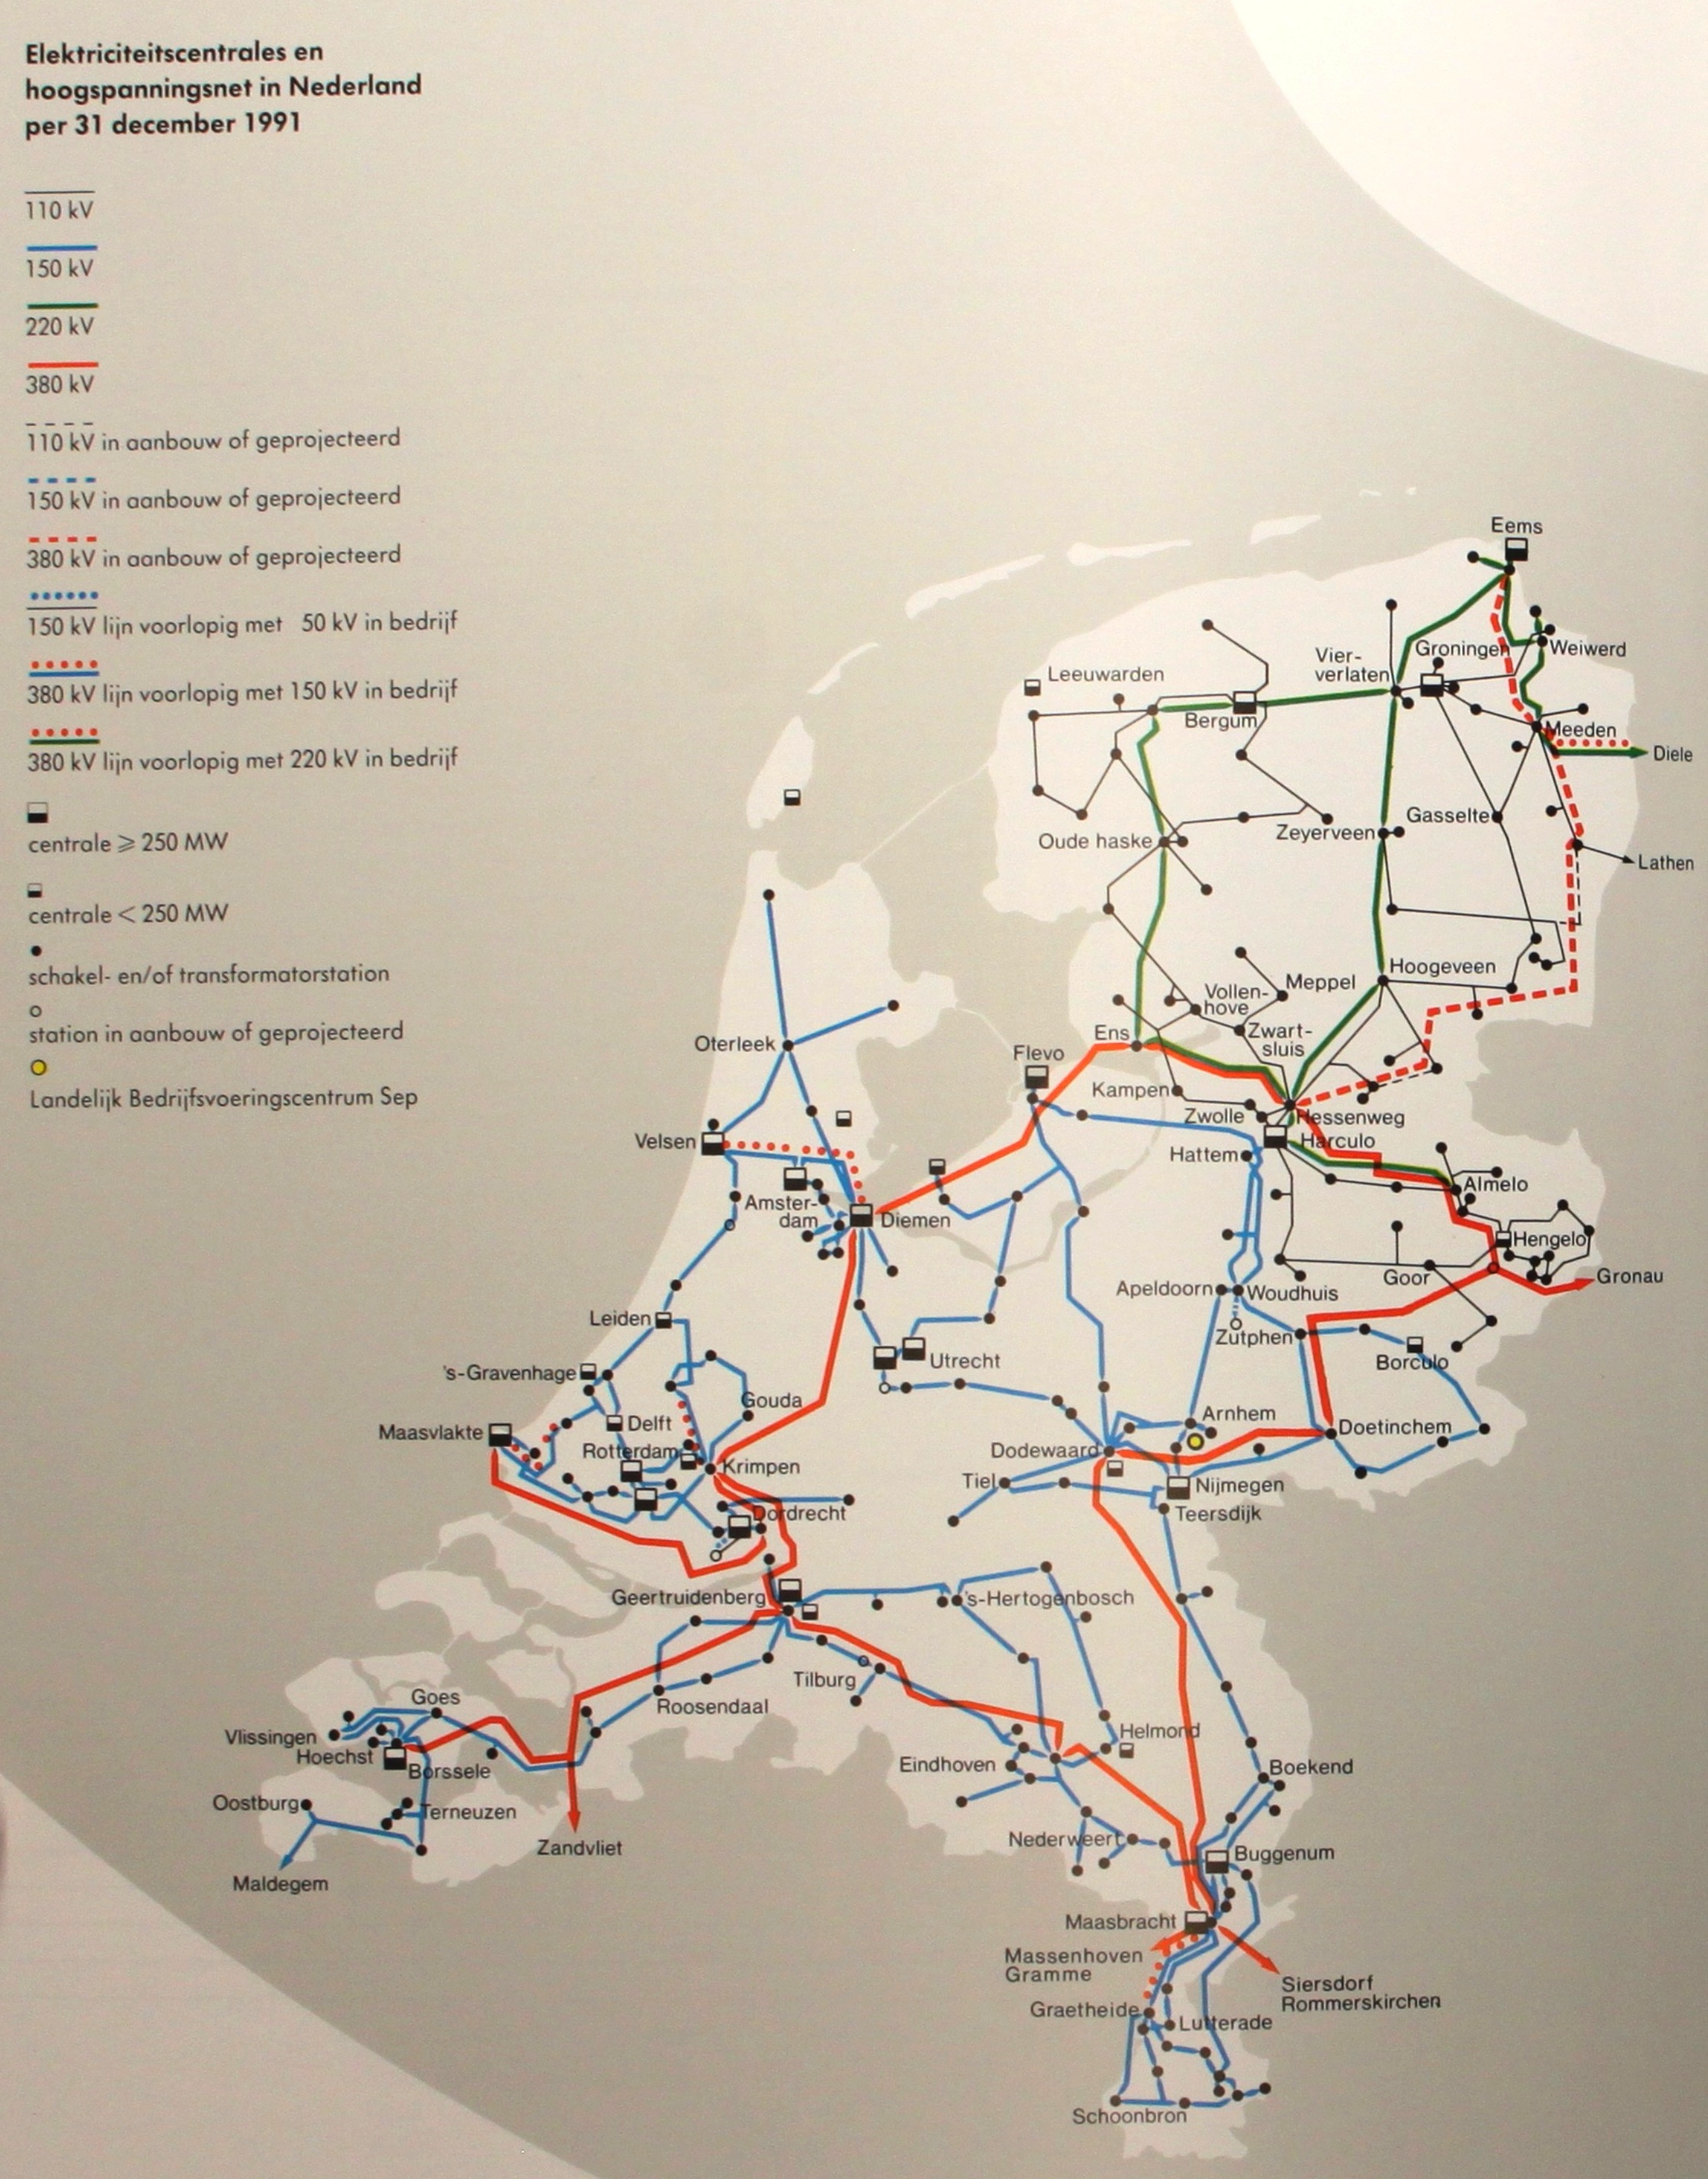 Netkaart van 1991